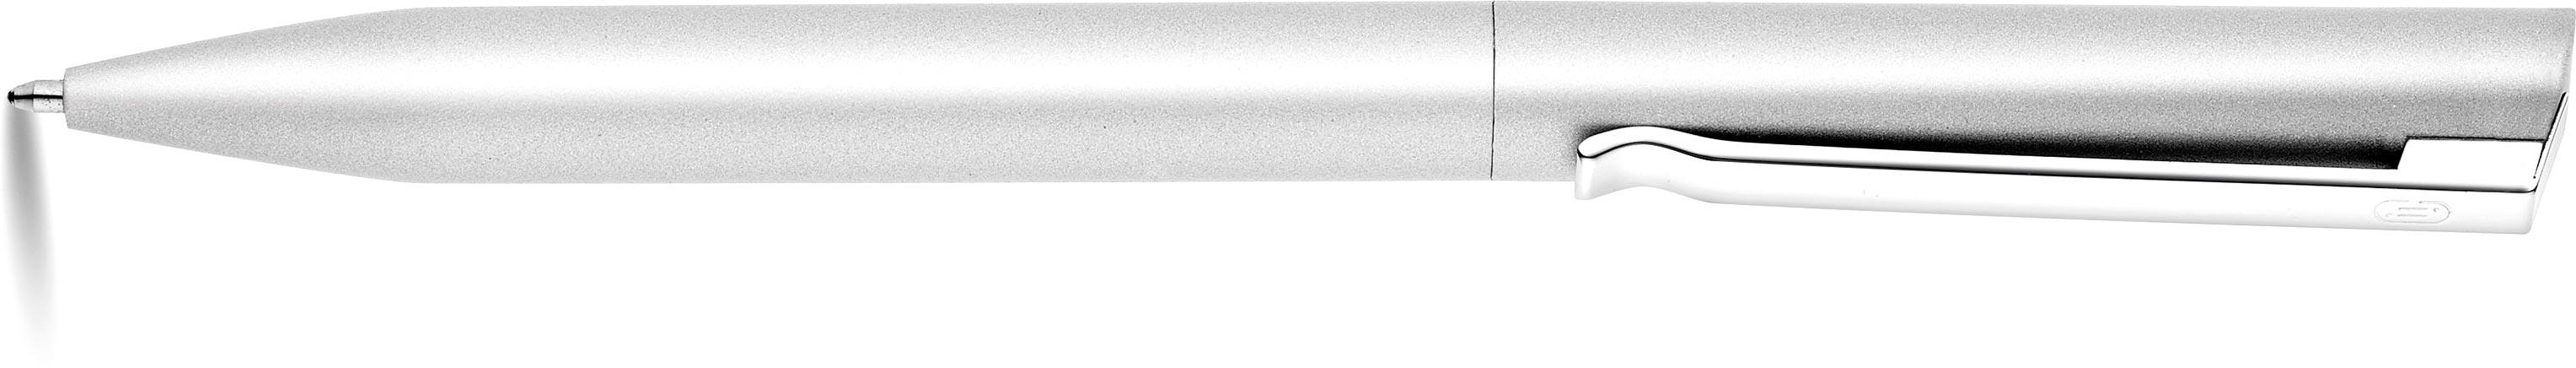 CORK Stříbrný set rolleru a kuličkového pera.